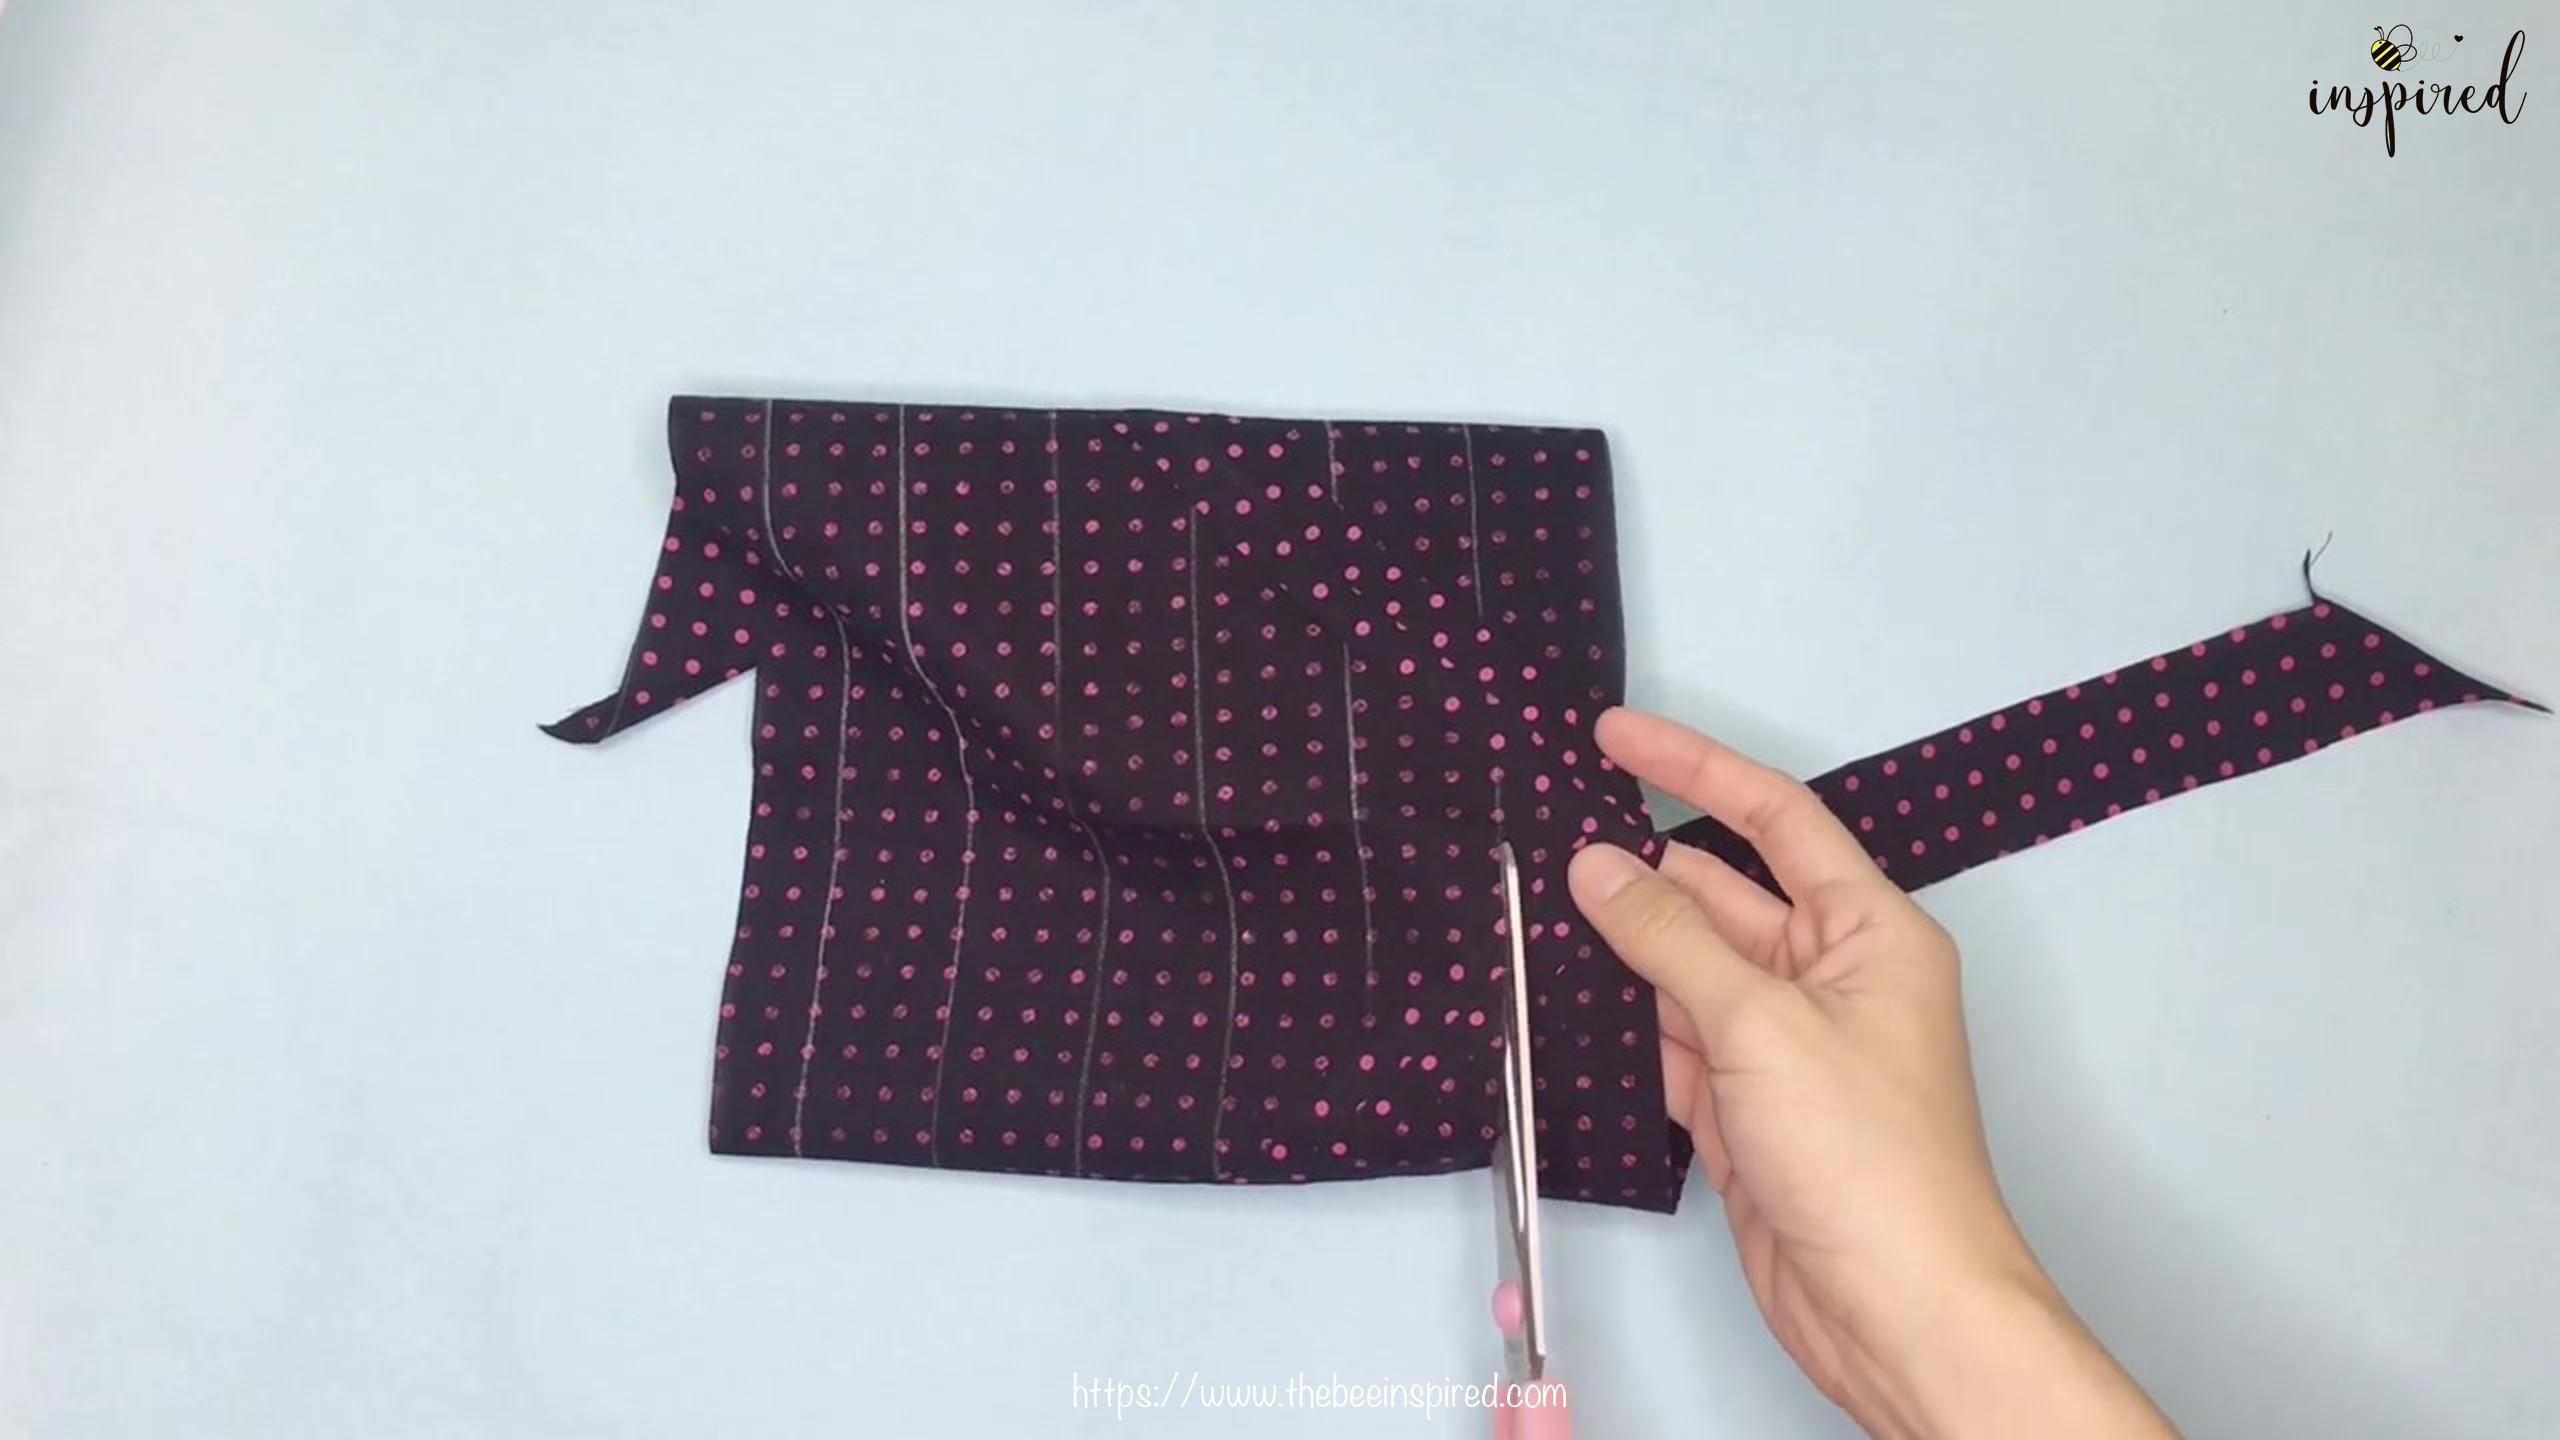 เทคนิคตัดและต่อผ้าเฉลียงที่ไม่ดูไม่ได้_ What is Fabric Grain & How to Make Continuous Bias Binding_14